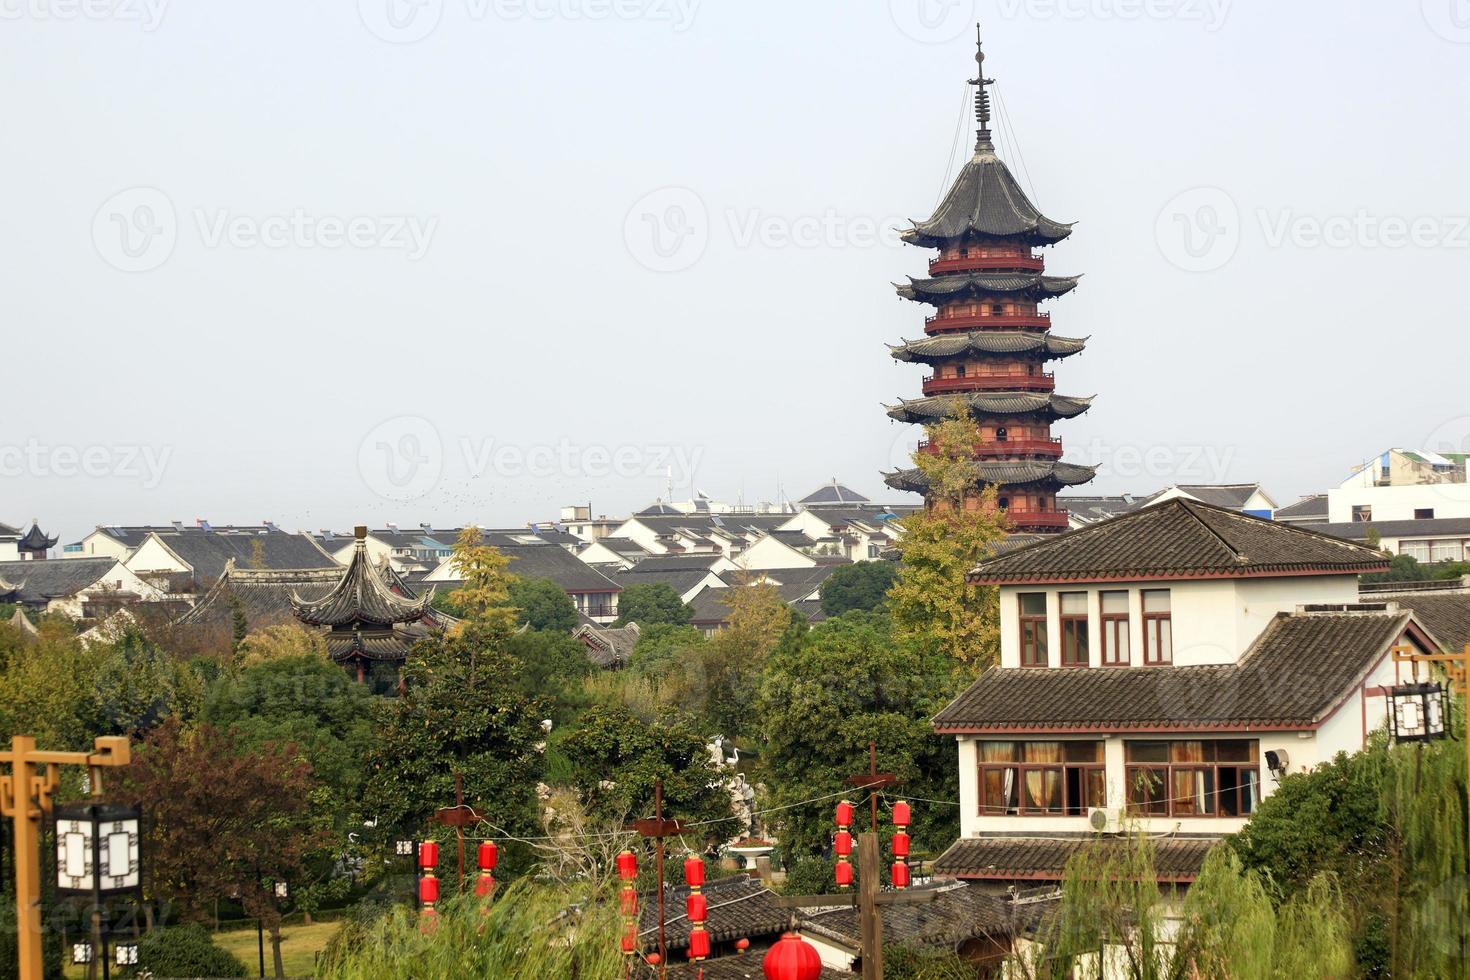 oude chinese ruigang pagode daken appartementen suzhou china foto